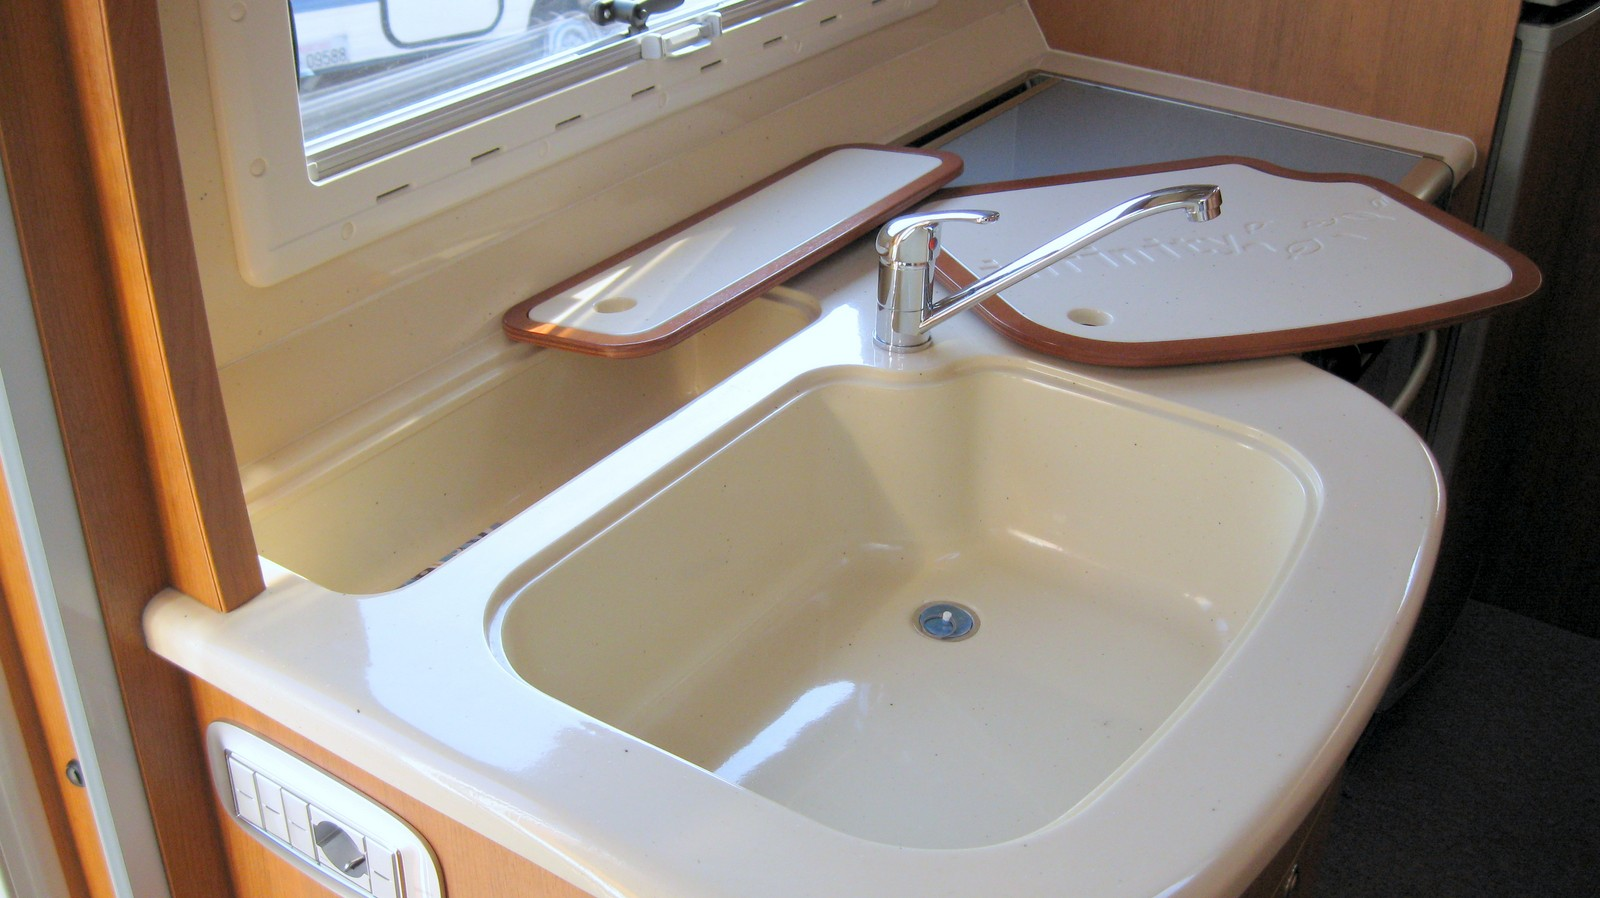 Gocciolatoio piatti pensile - Sifone lavandino cucina ...